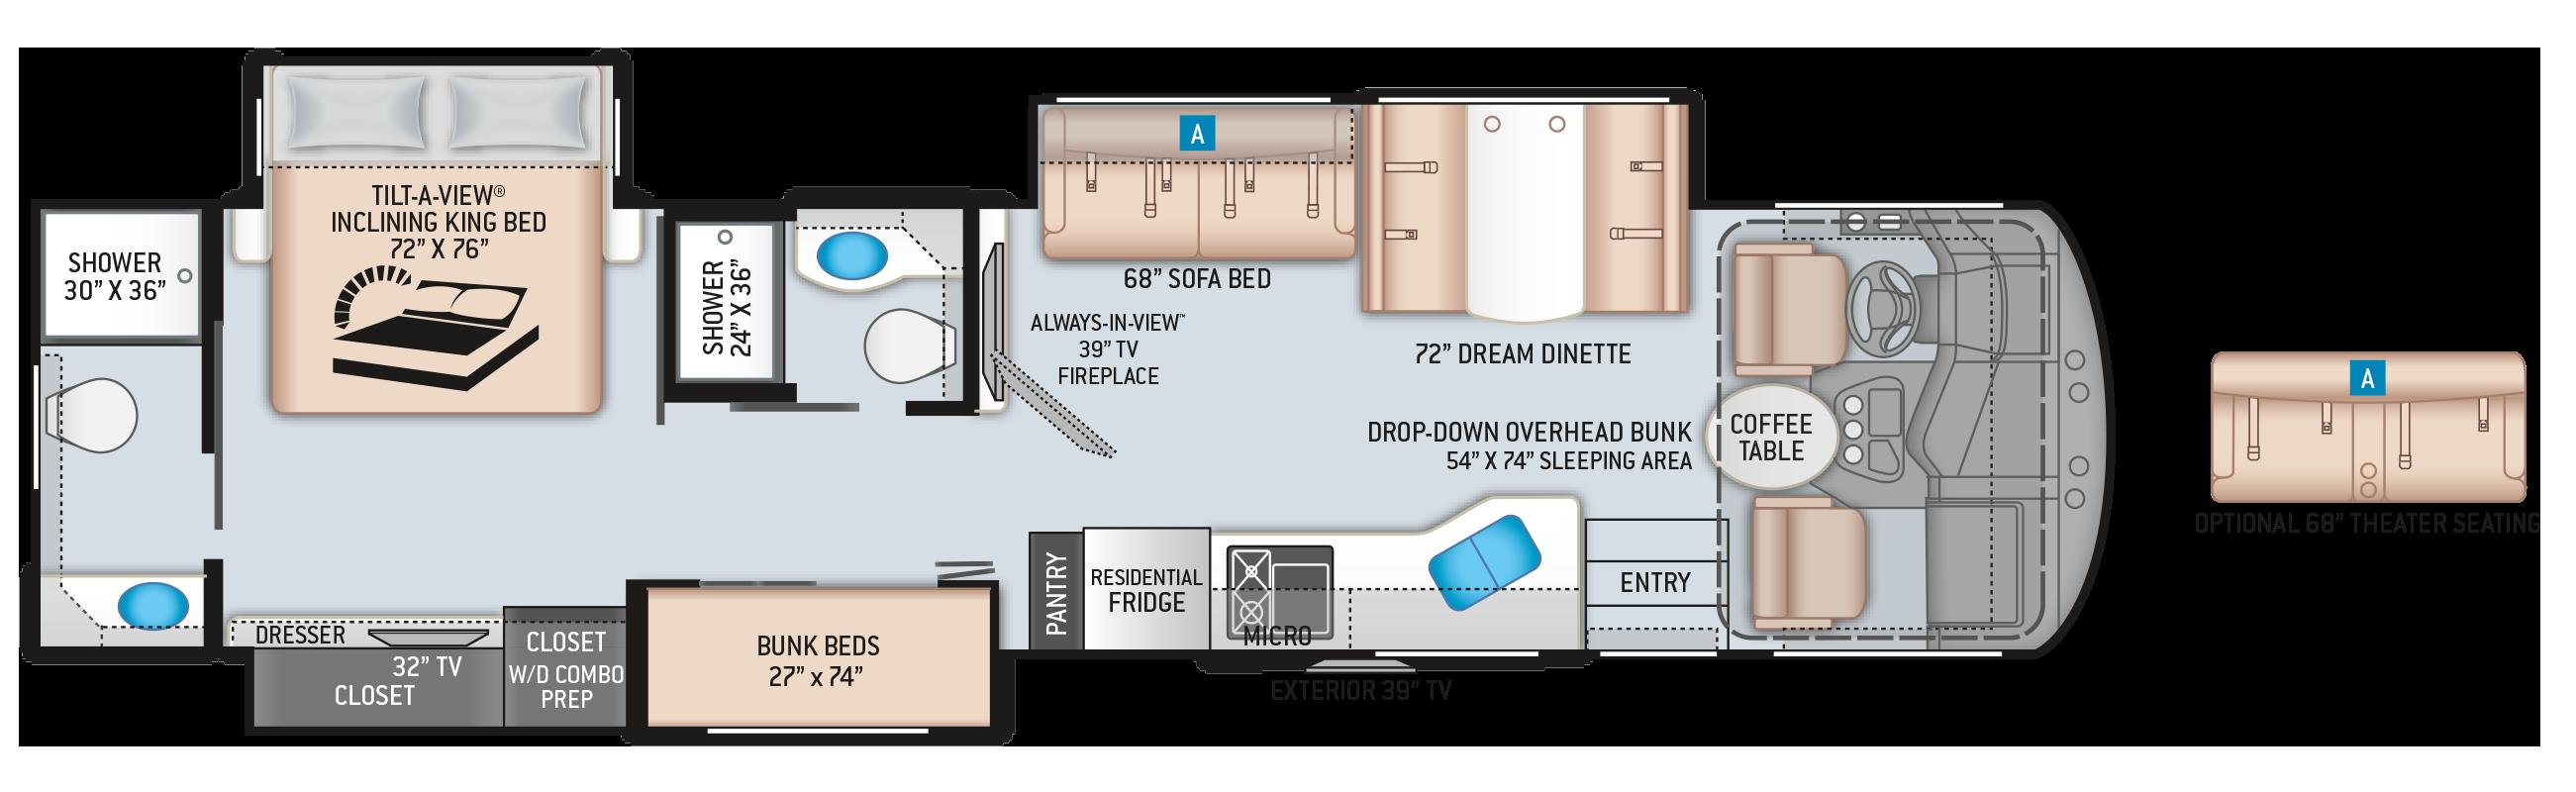 Miramar Class A Motorhome 37.1 Floor Plan